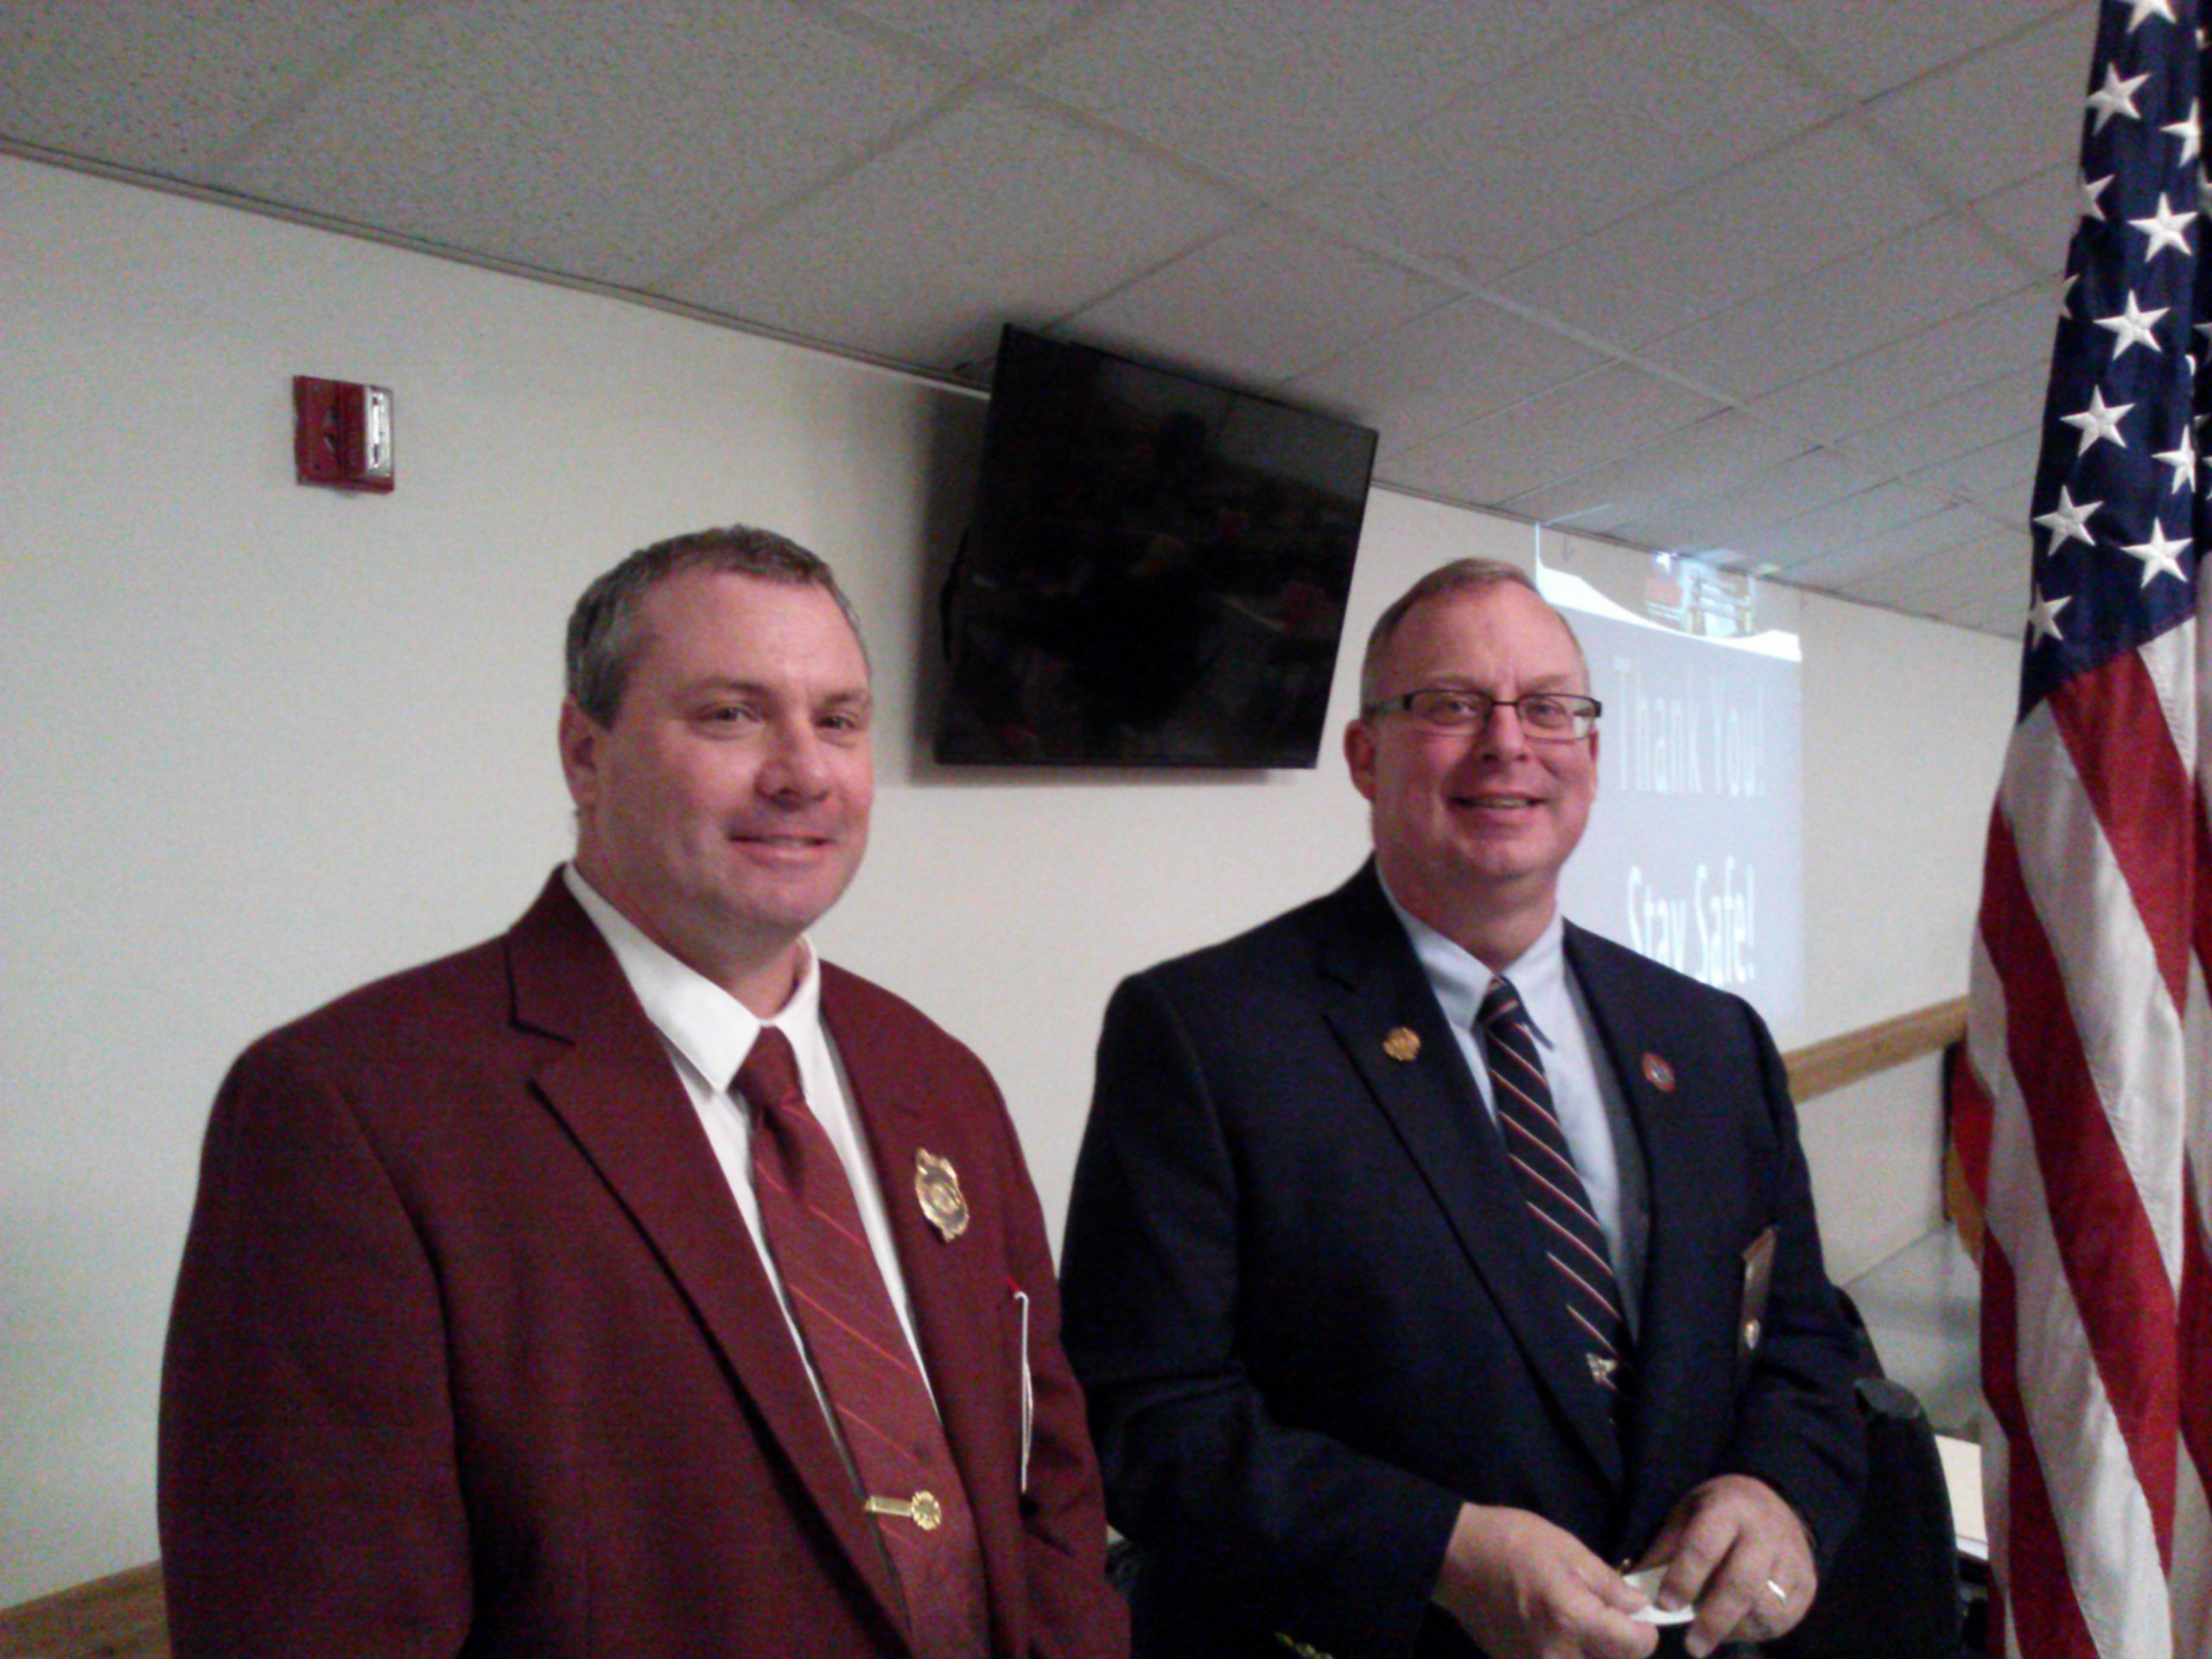 Bruce Mack (left), chief of Frontier Fire Dept., and Robin Schott of the Firemen's Association of the State of New York. (Matt Glynn/Buffalo News)